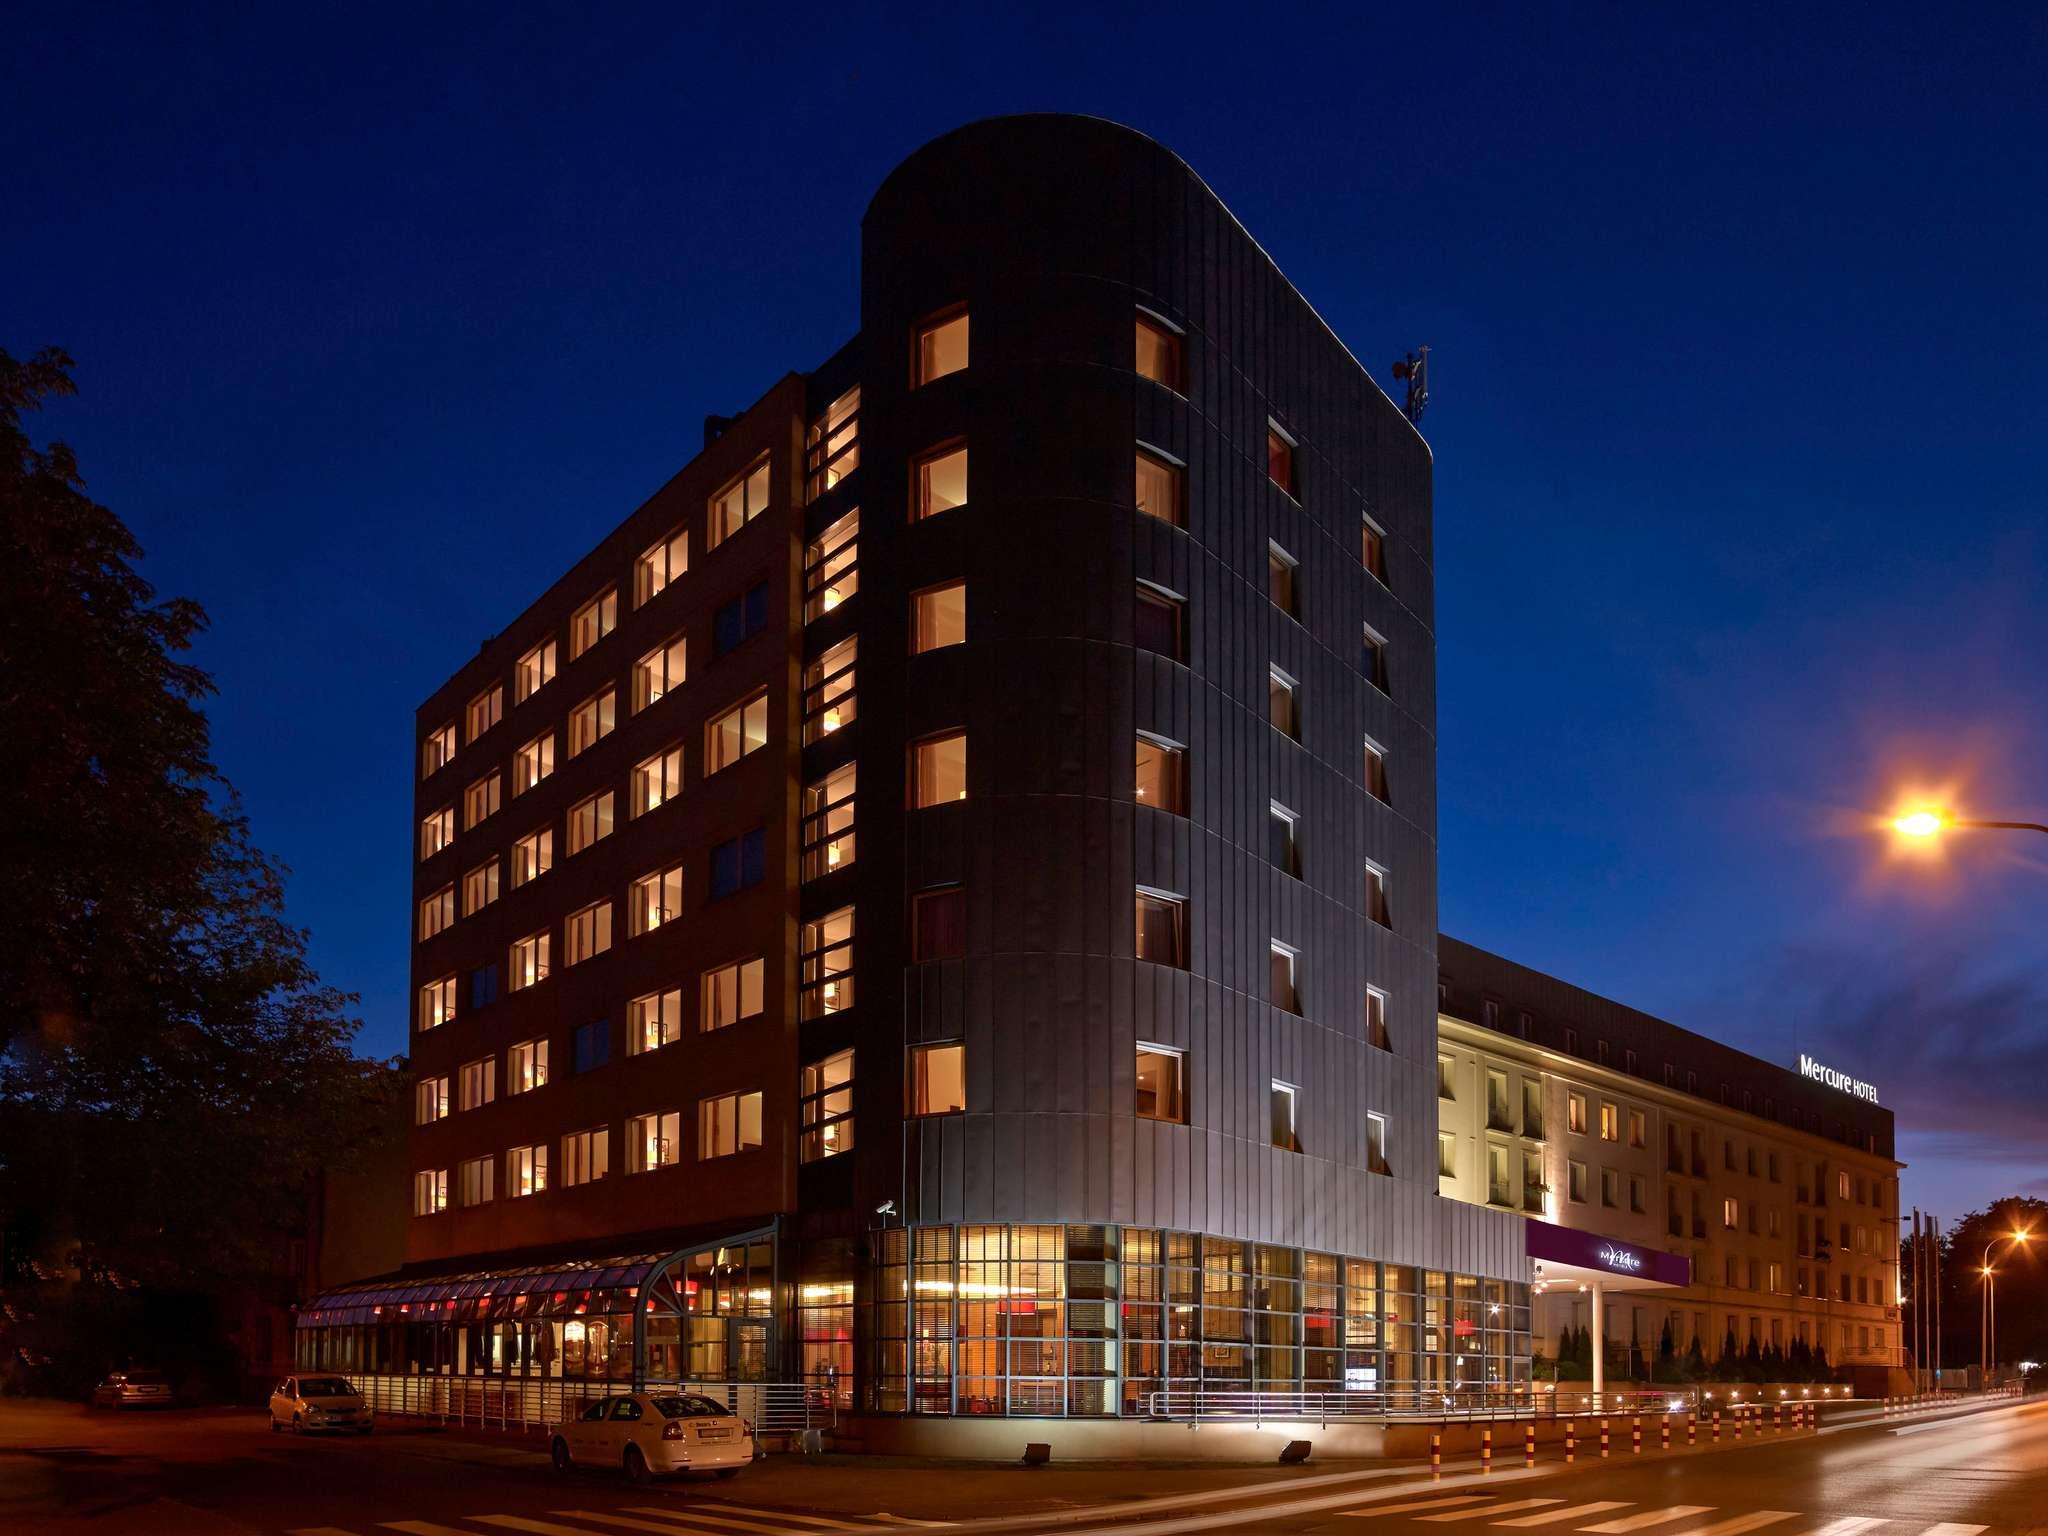 ホテル – メルキュール ワルシャワ エアポート